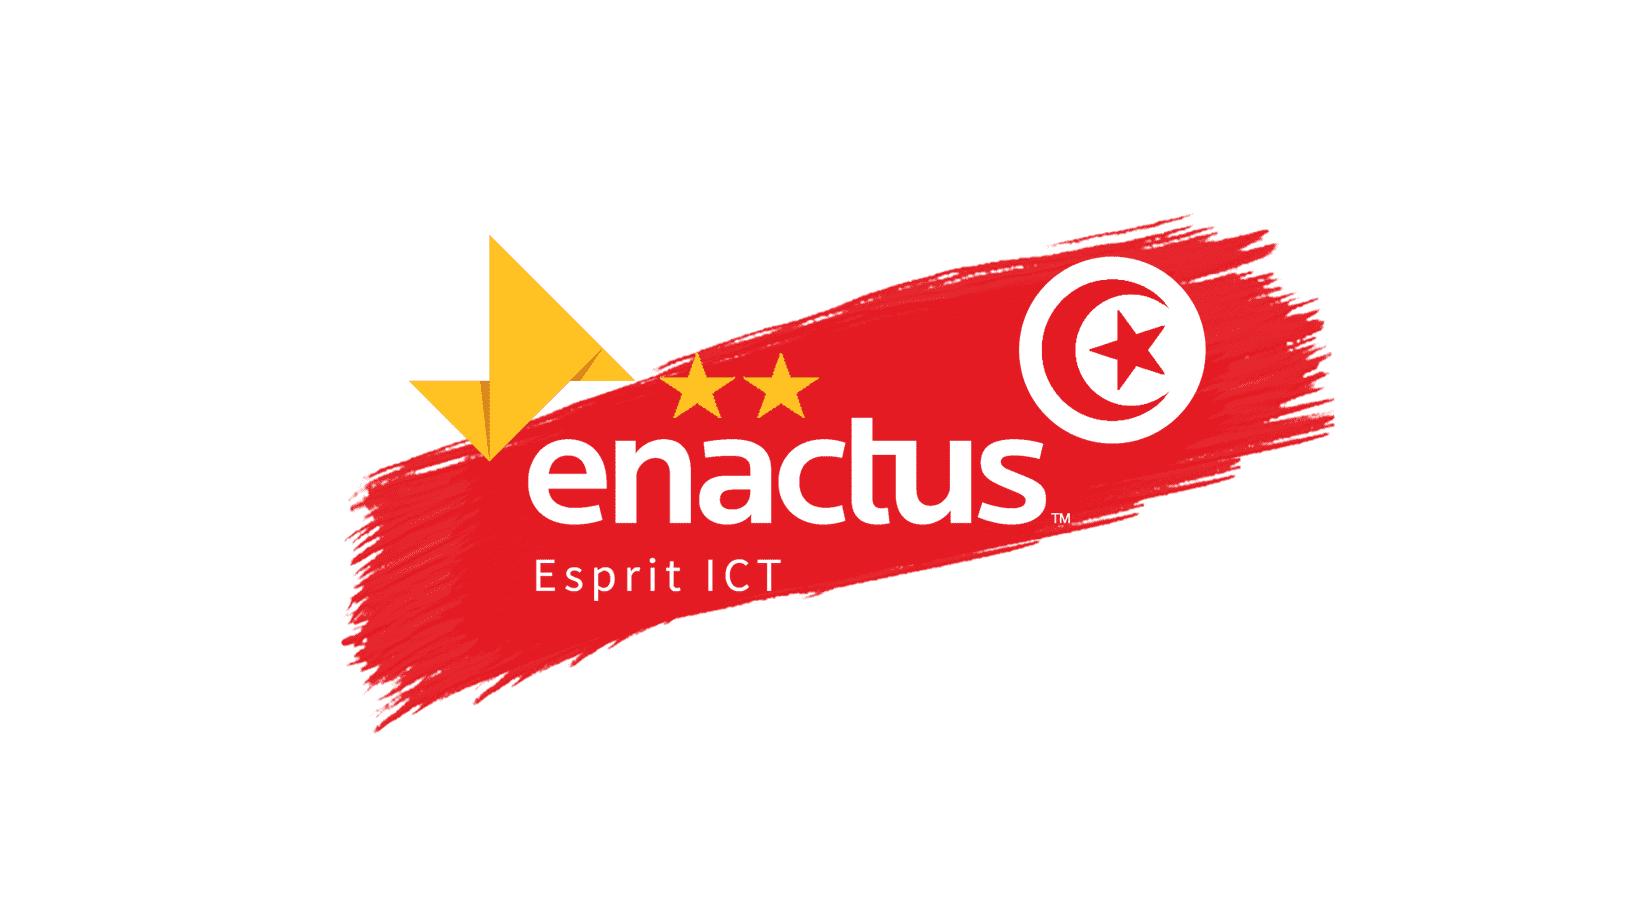 Enactus Esprit ICT